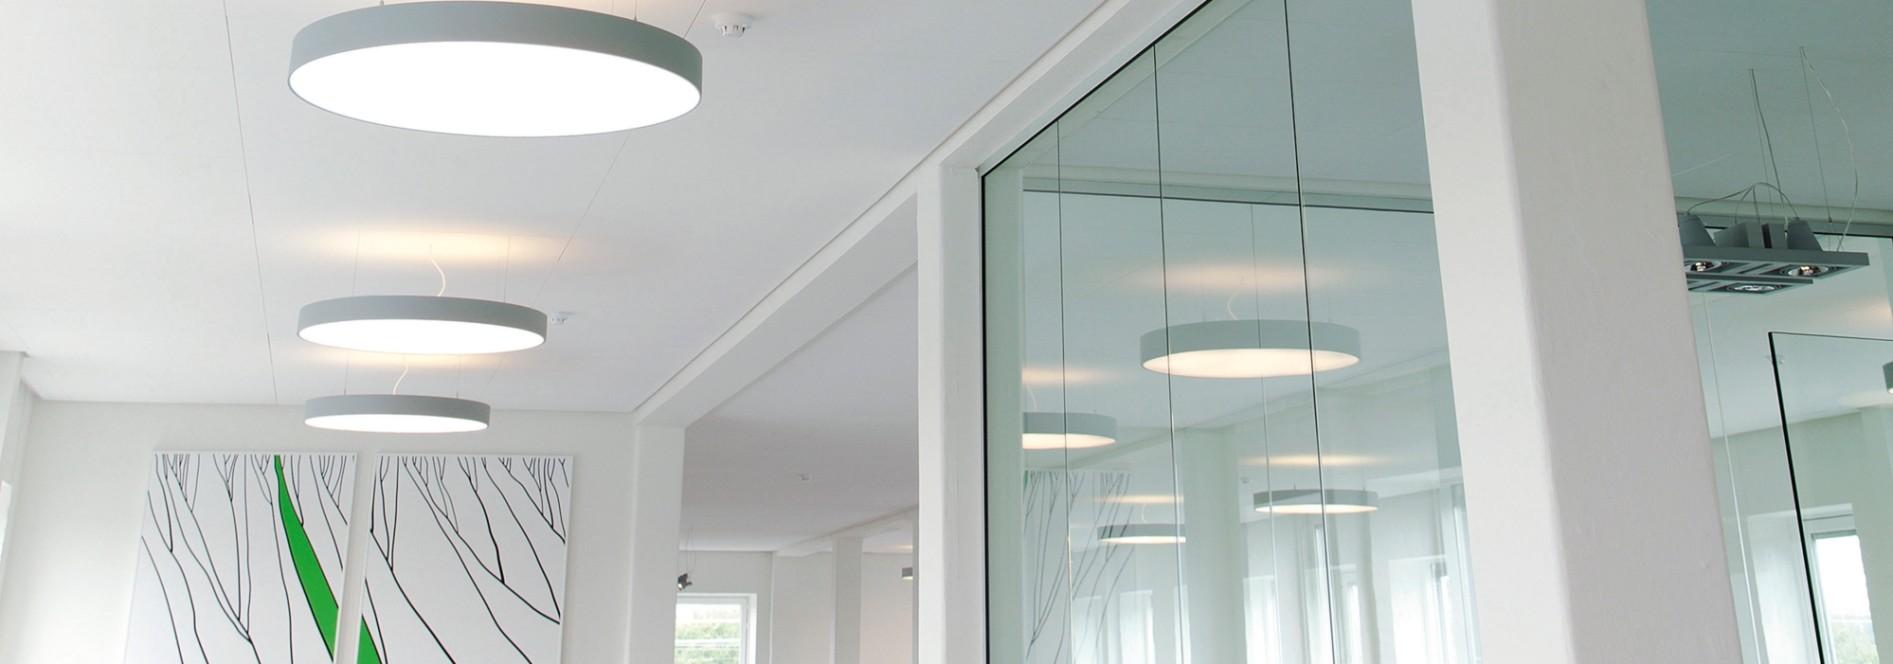 PLEXIGLAS® LED - Für Hinterleuchtung, LED-Leuchten optimiert, coextrudiert